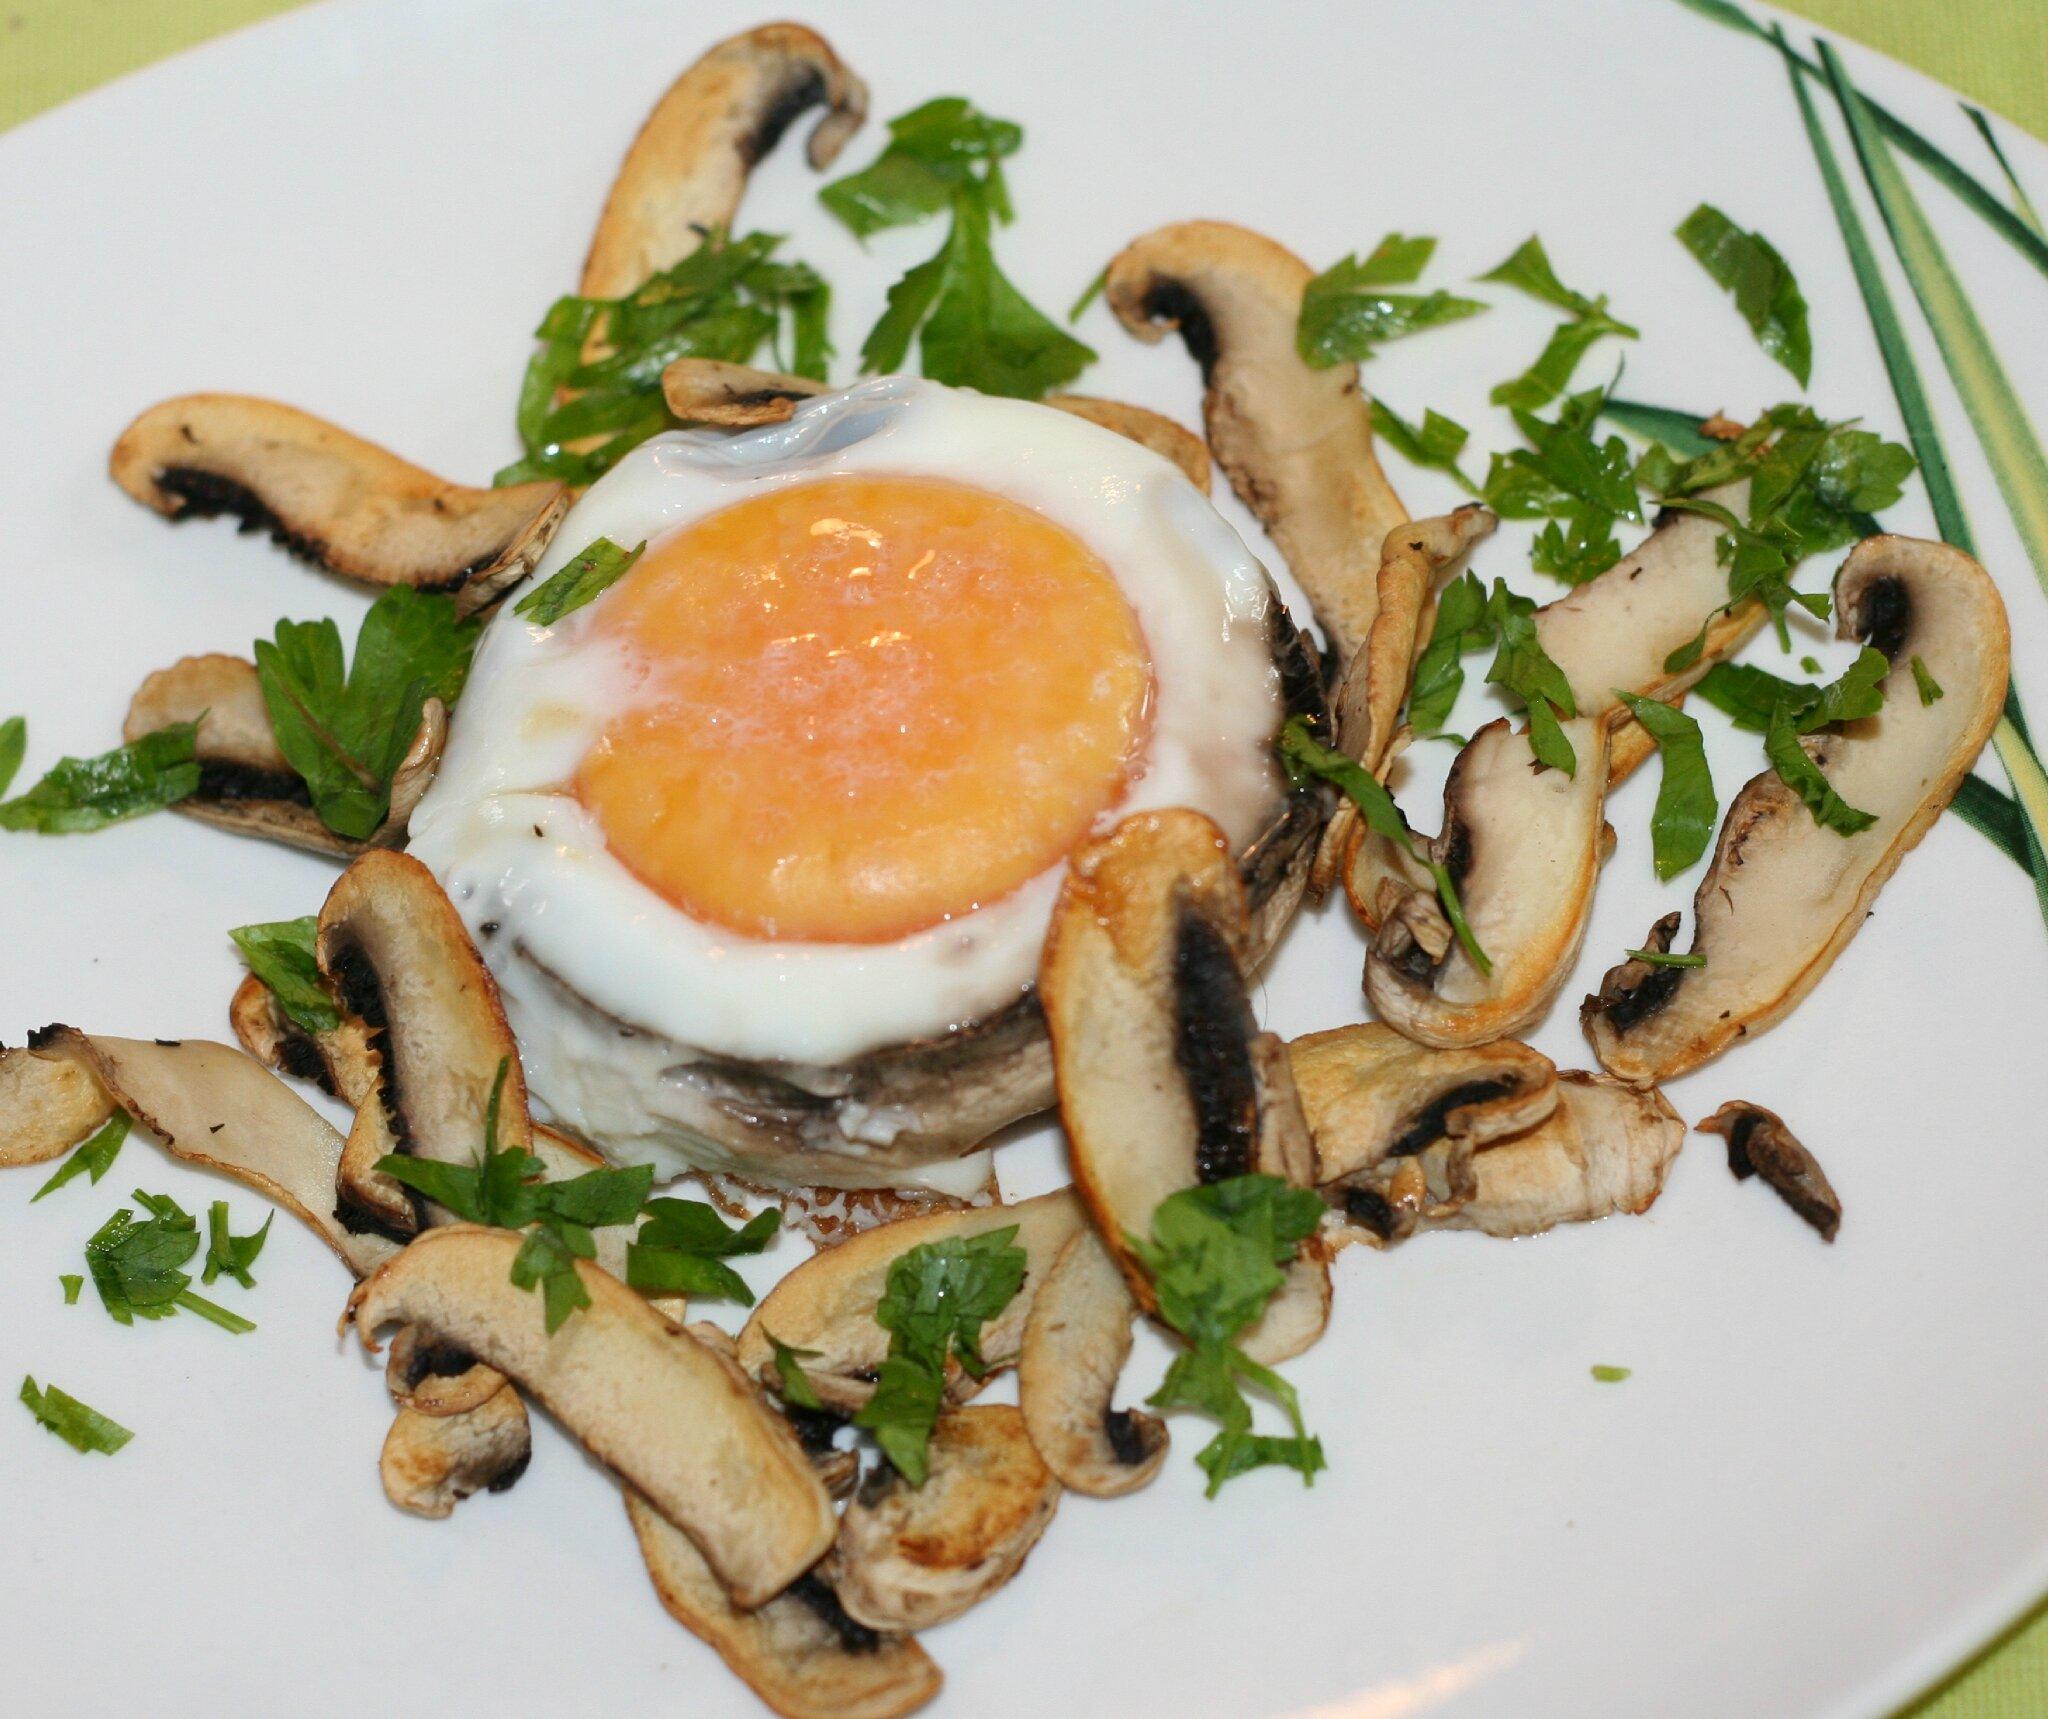 De l 39 oeuf aux champignons la recette authentique - Champignon de paris a la poele ...